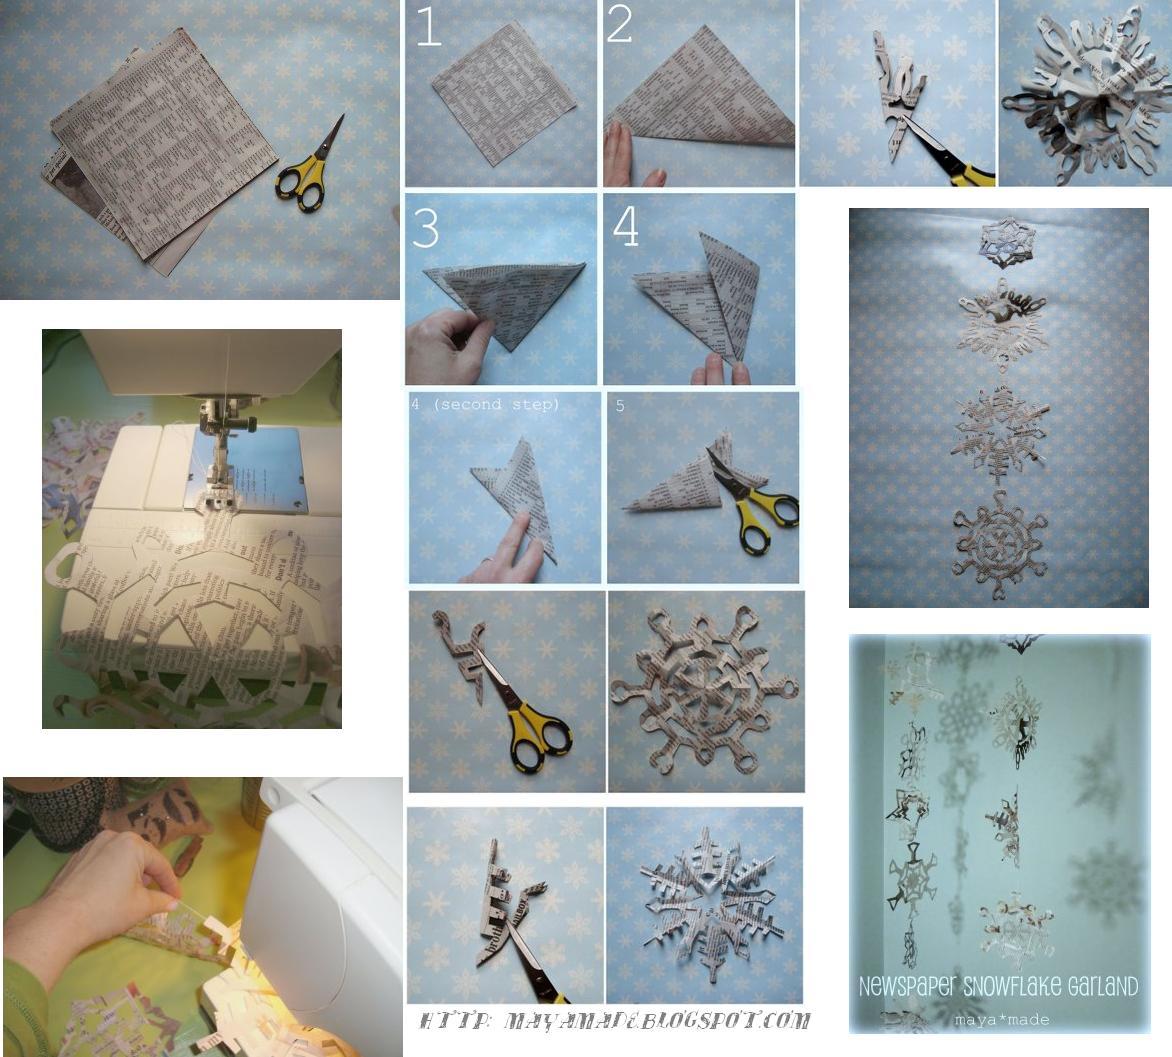 Enrhedando manualidades - Cortinas de papel para navidad ...